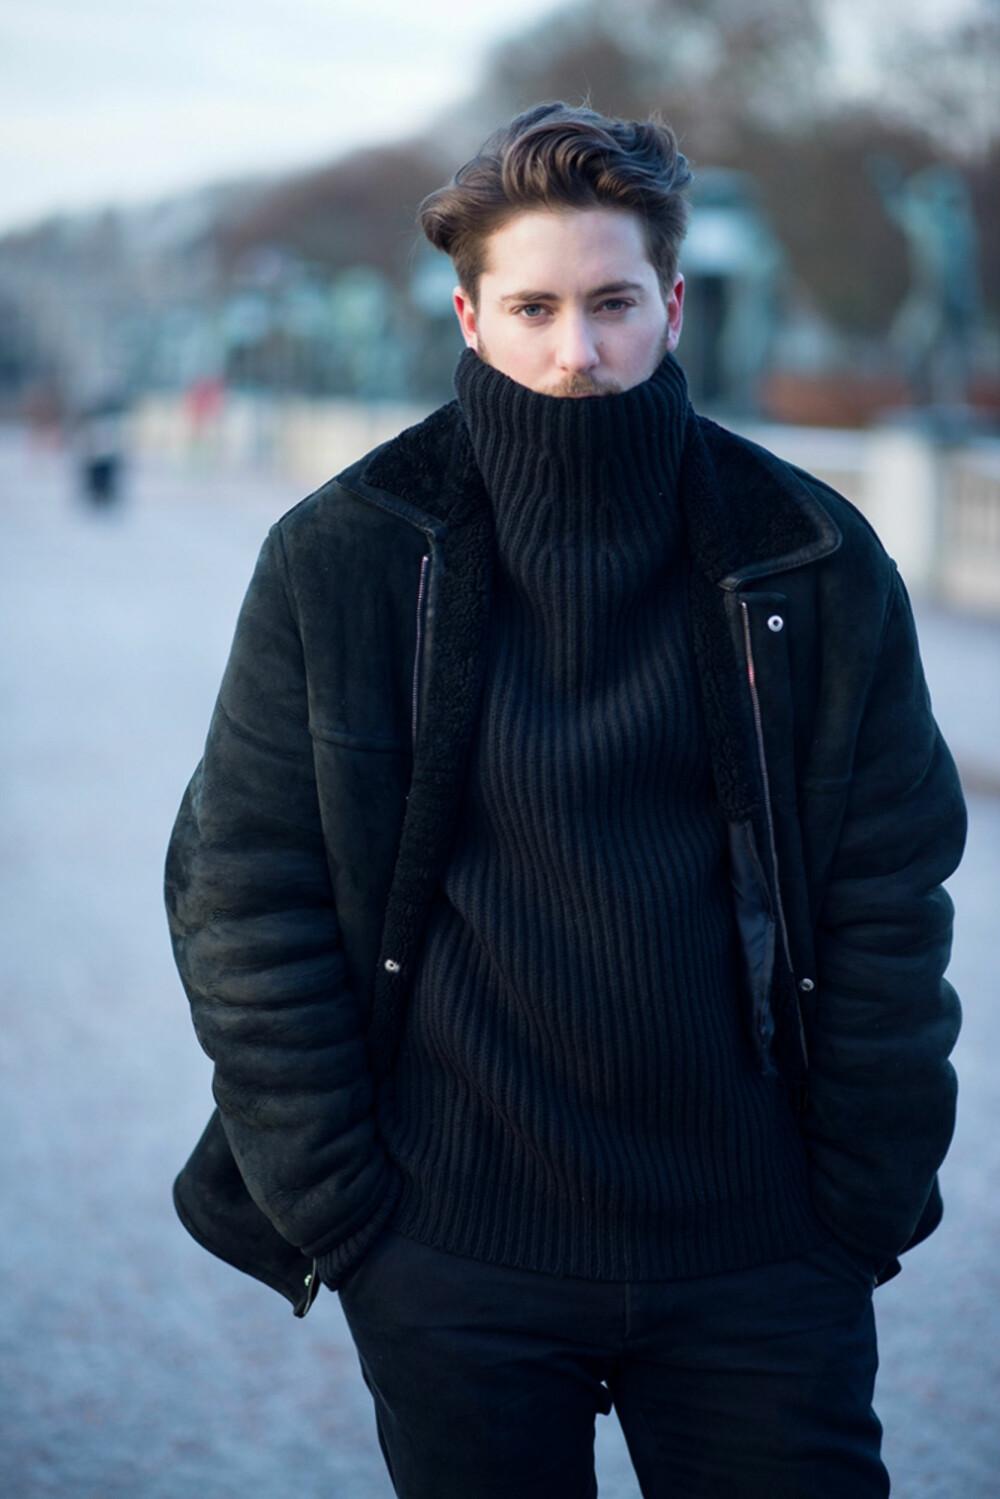 PÅ BYEN: Herremoteblogger Kjetil Lundstein liker best å gå kledd i helsvart på byen.